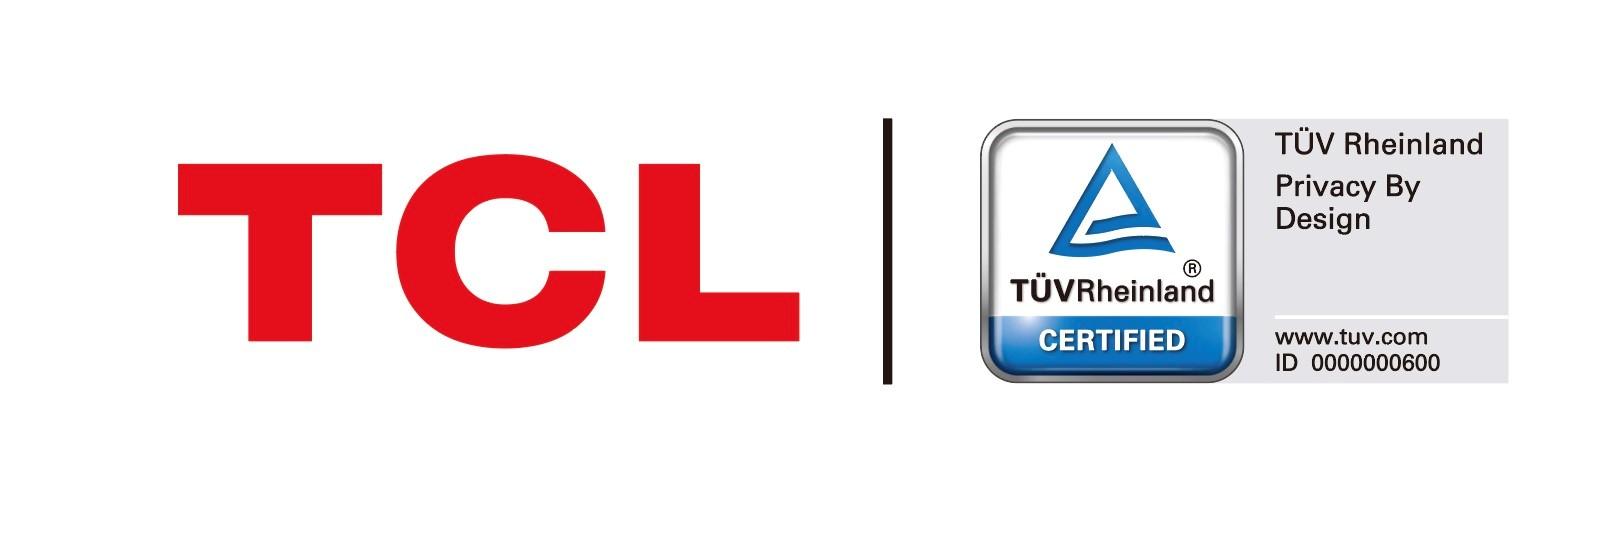 TCL este unul dintre primele branduri TV din lume care a trecut testul TÜV Rheinland pentru dispozitive IoT